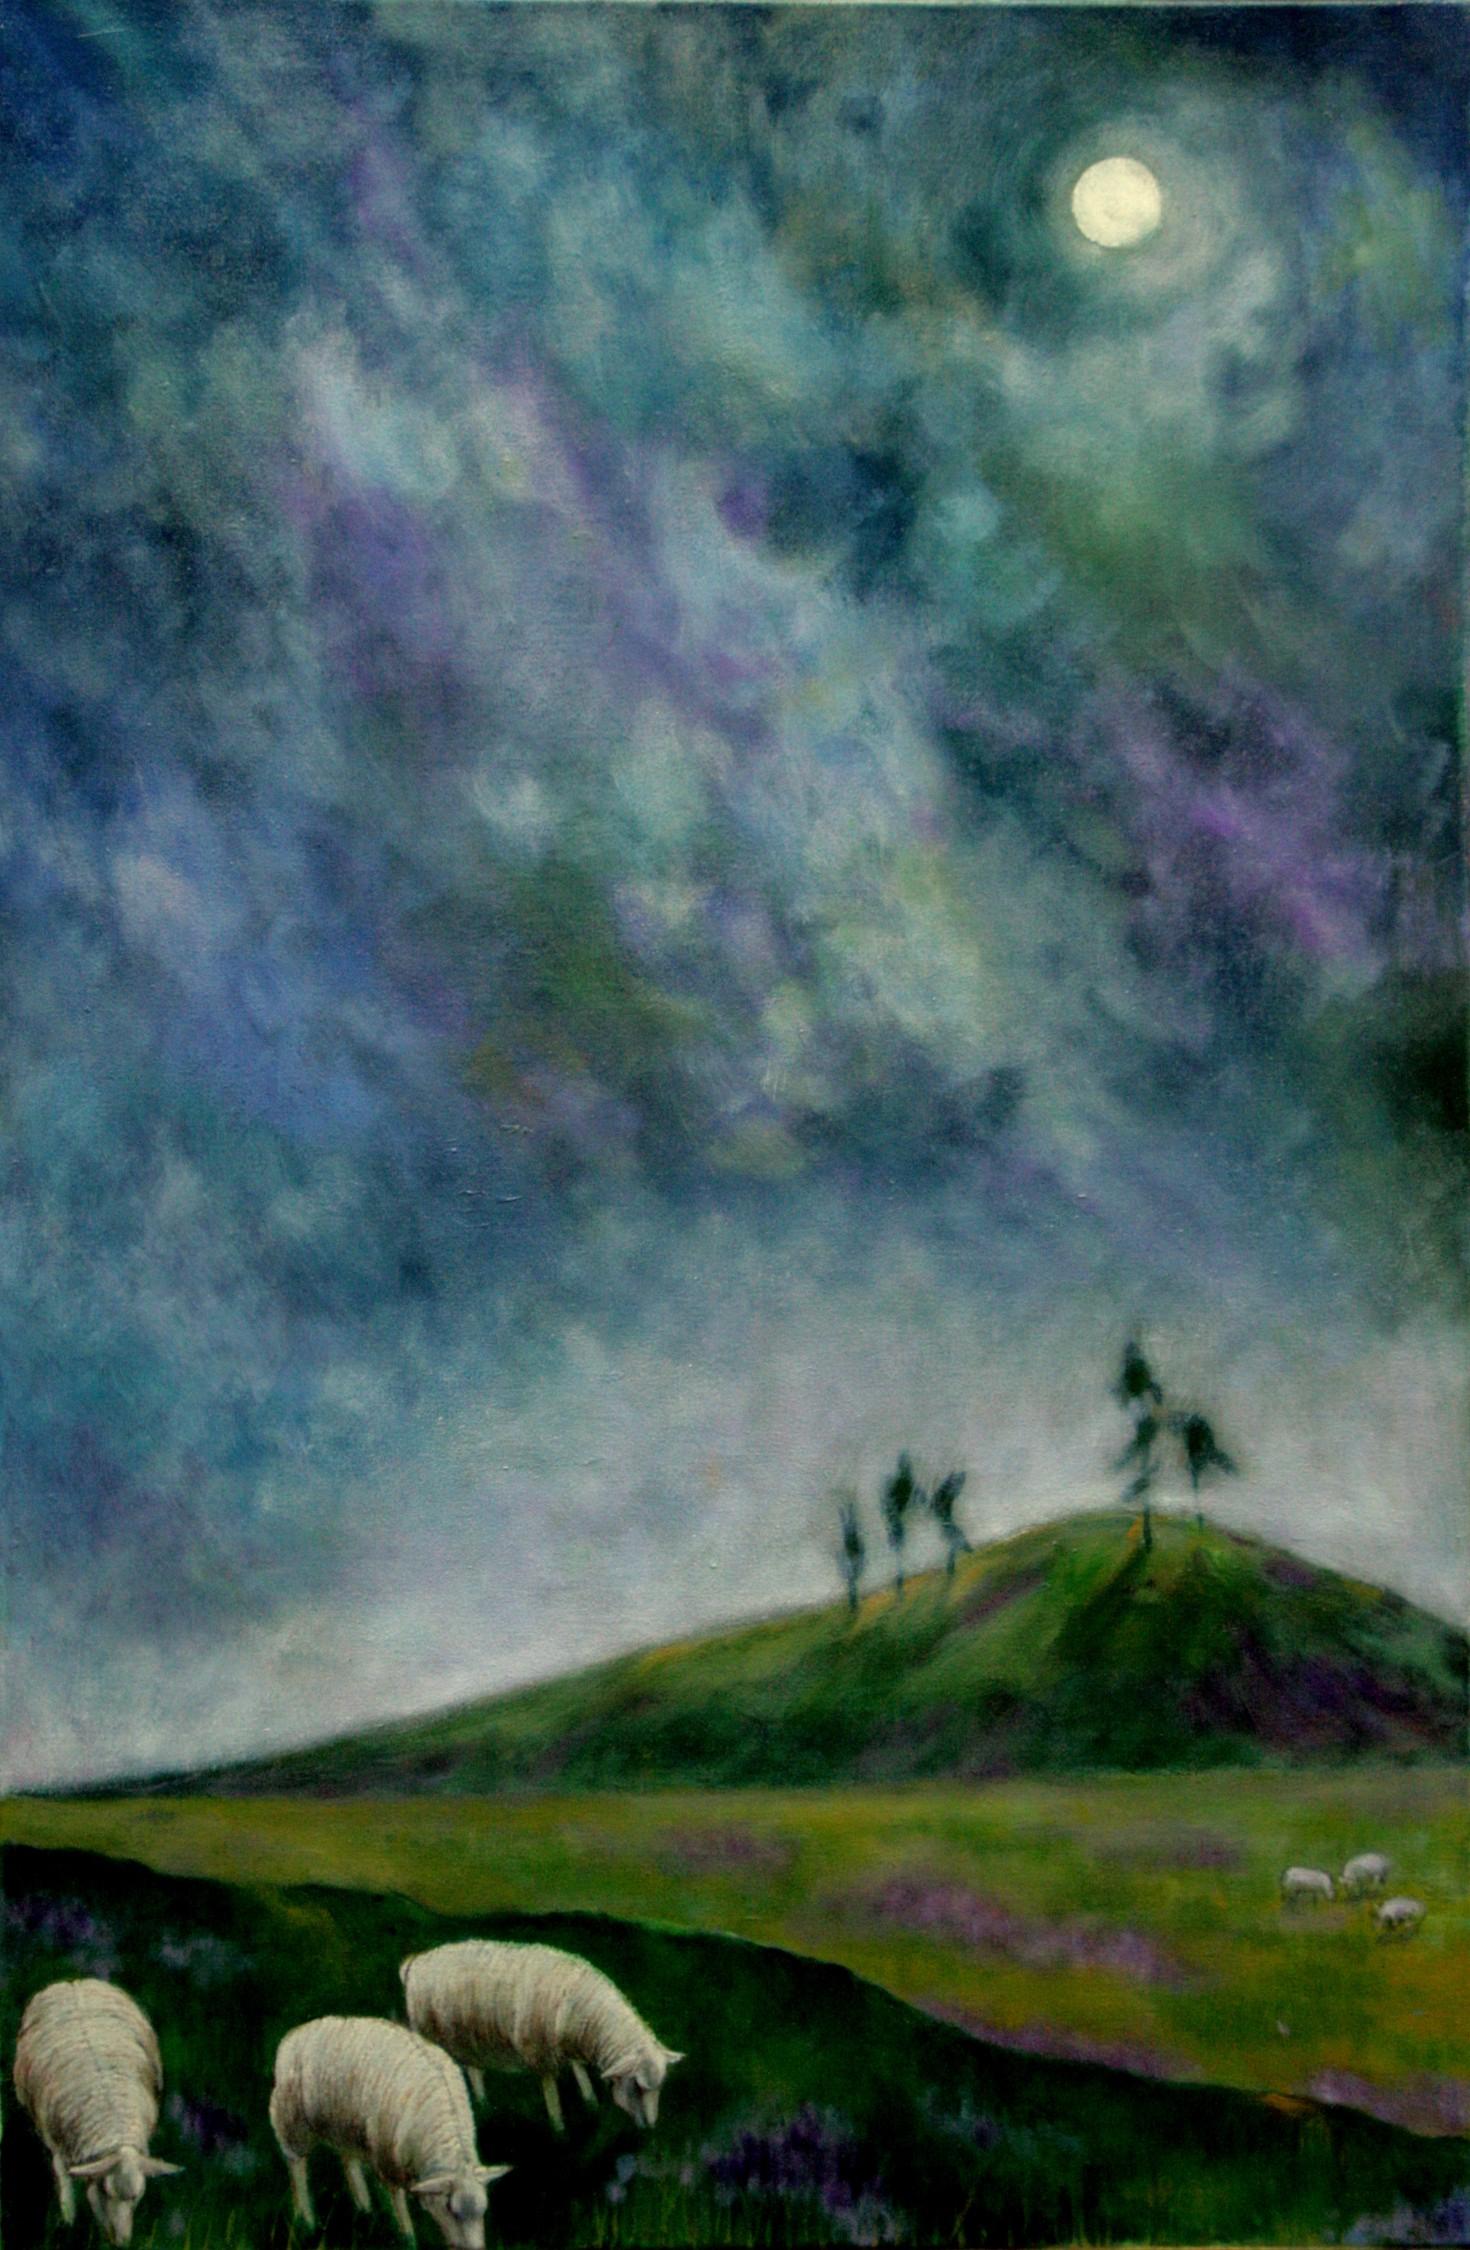 #14648 Haiou 'Three Sheep' 90cm x 60cm Oil on Canvas $1980